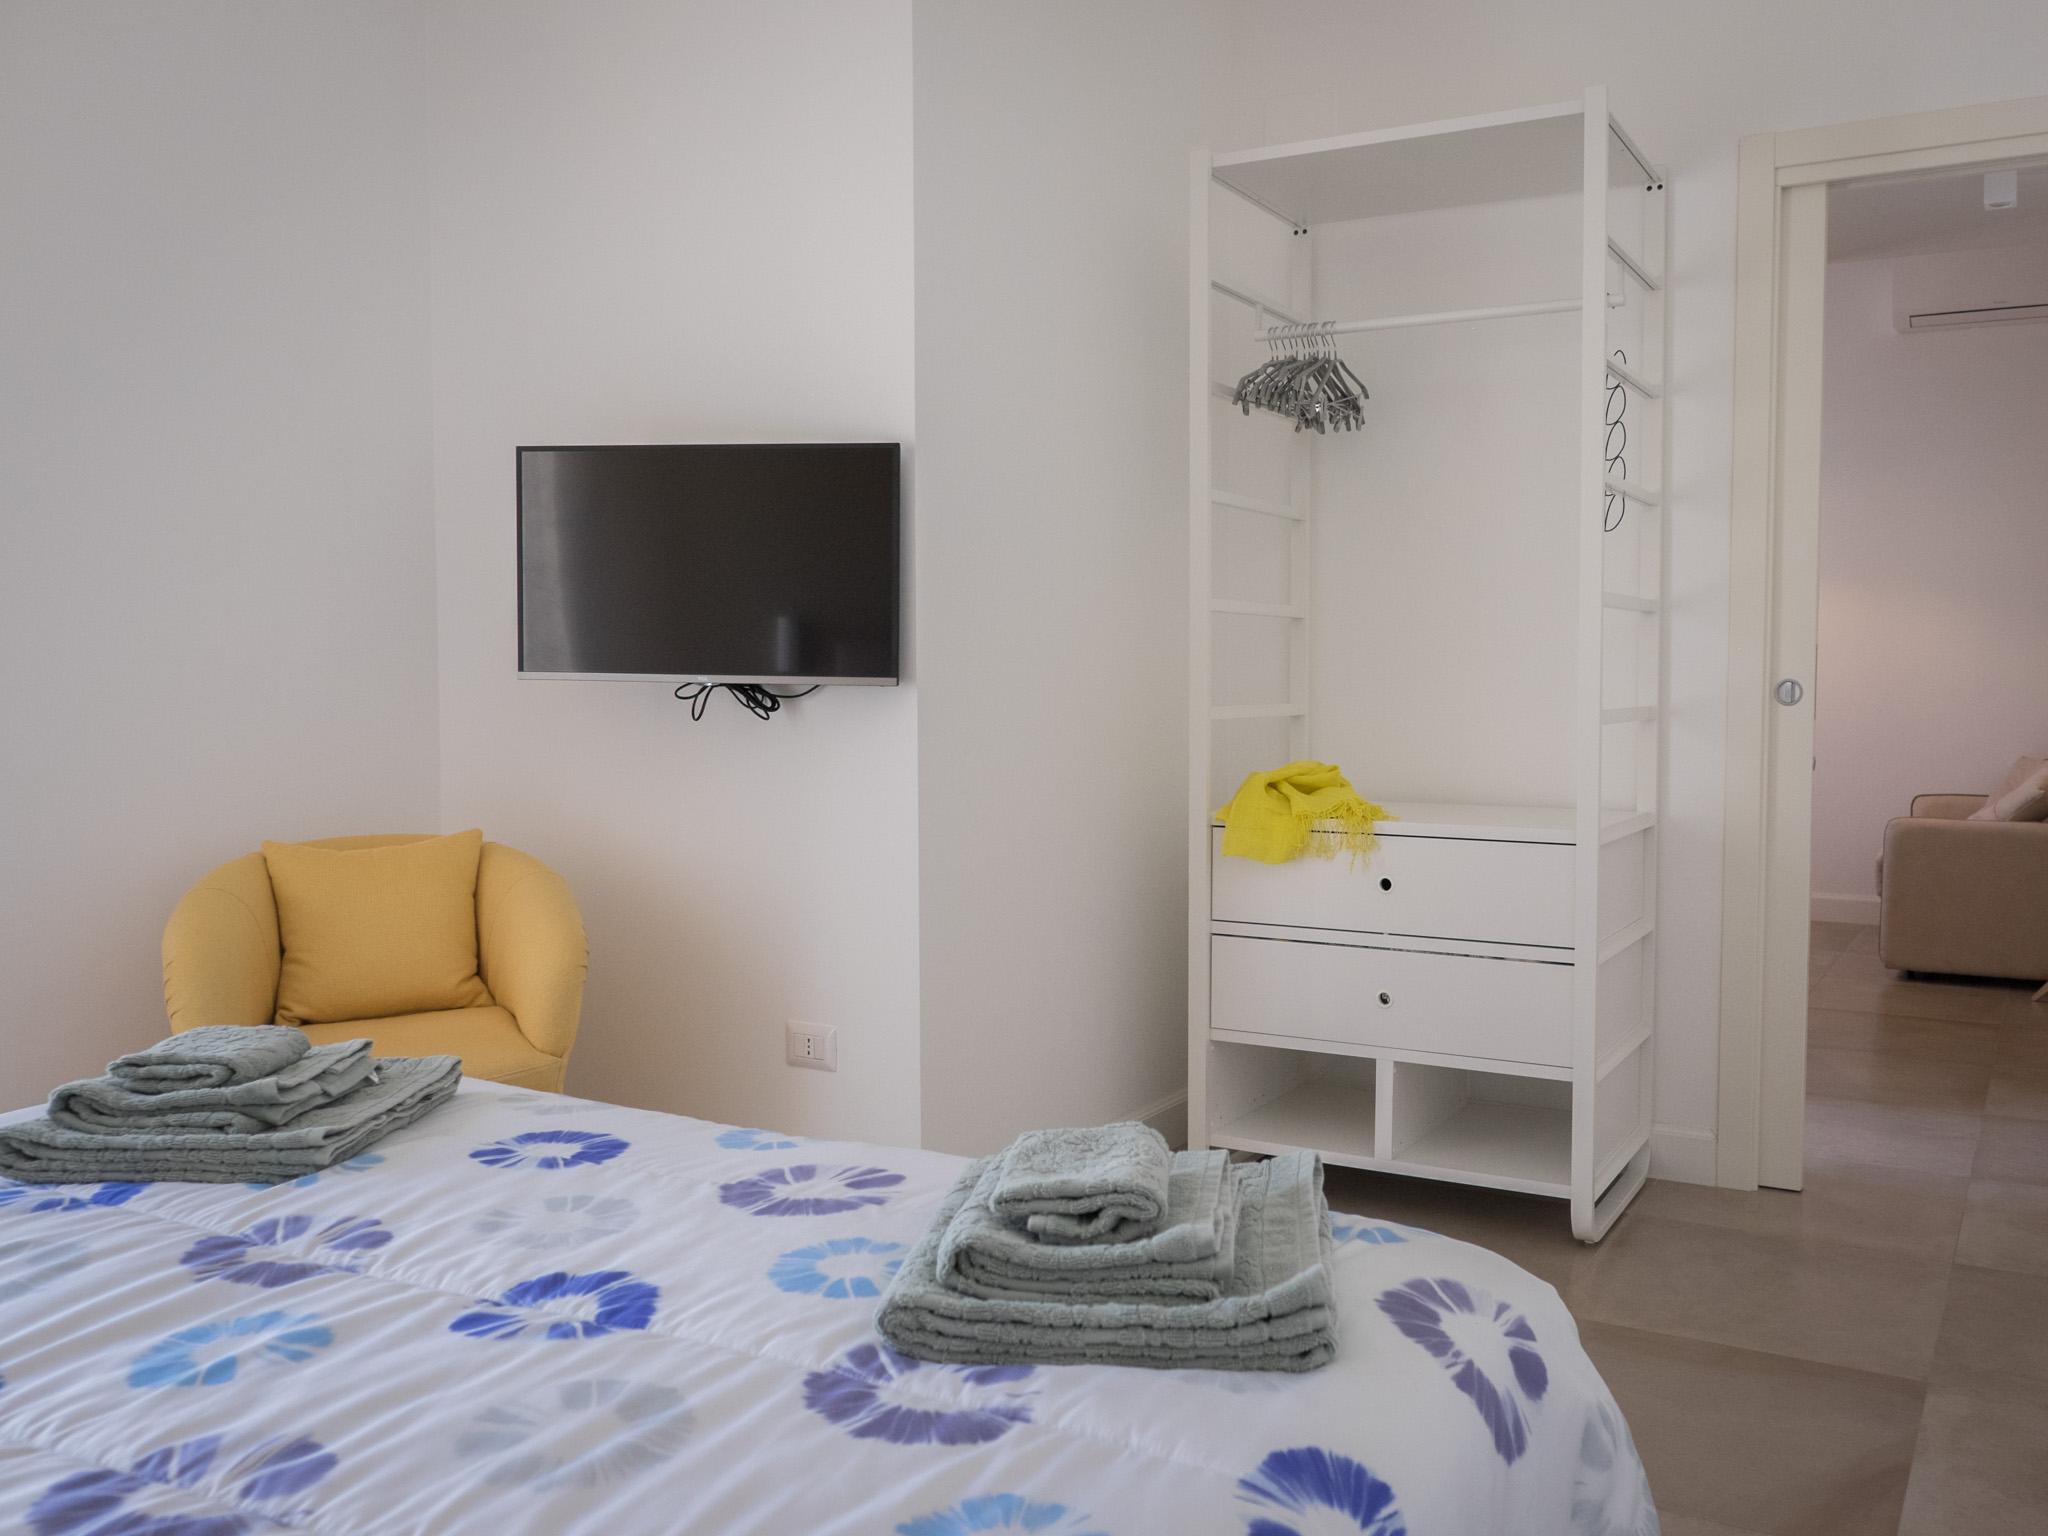 bizantini apartments la-casa-dei-nonni-casa-vacanze-bb-camere-dormire-sassi-di-matera-basilicata-49